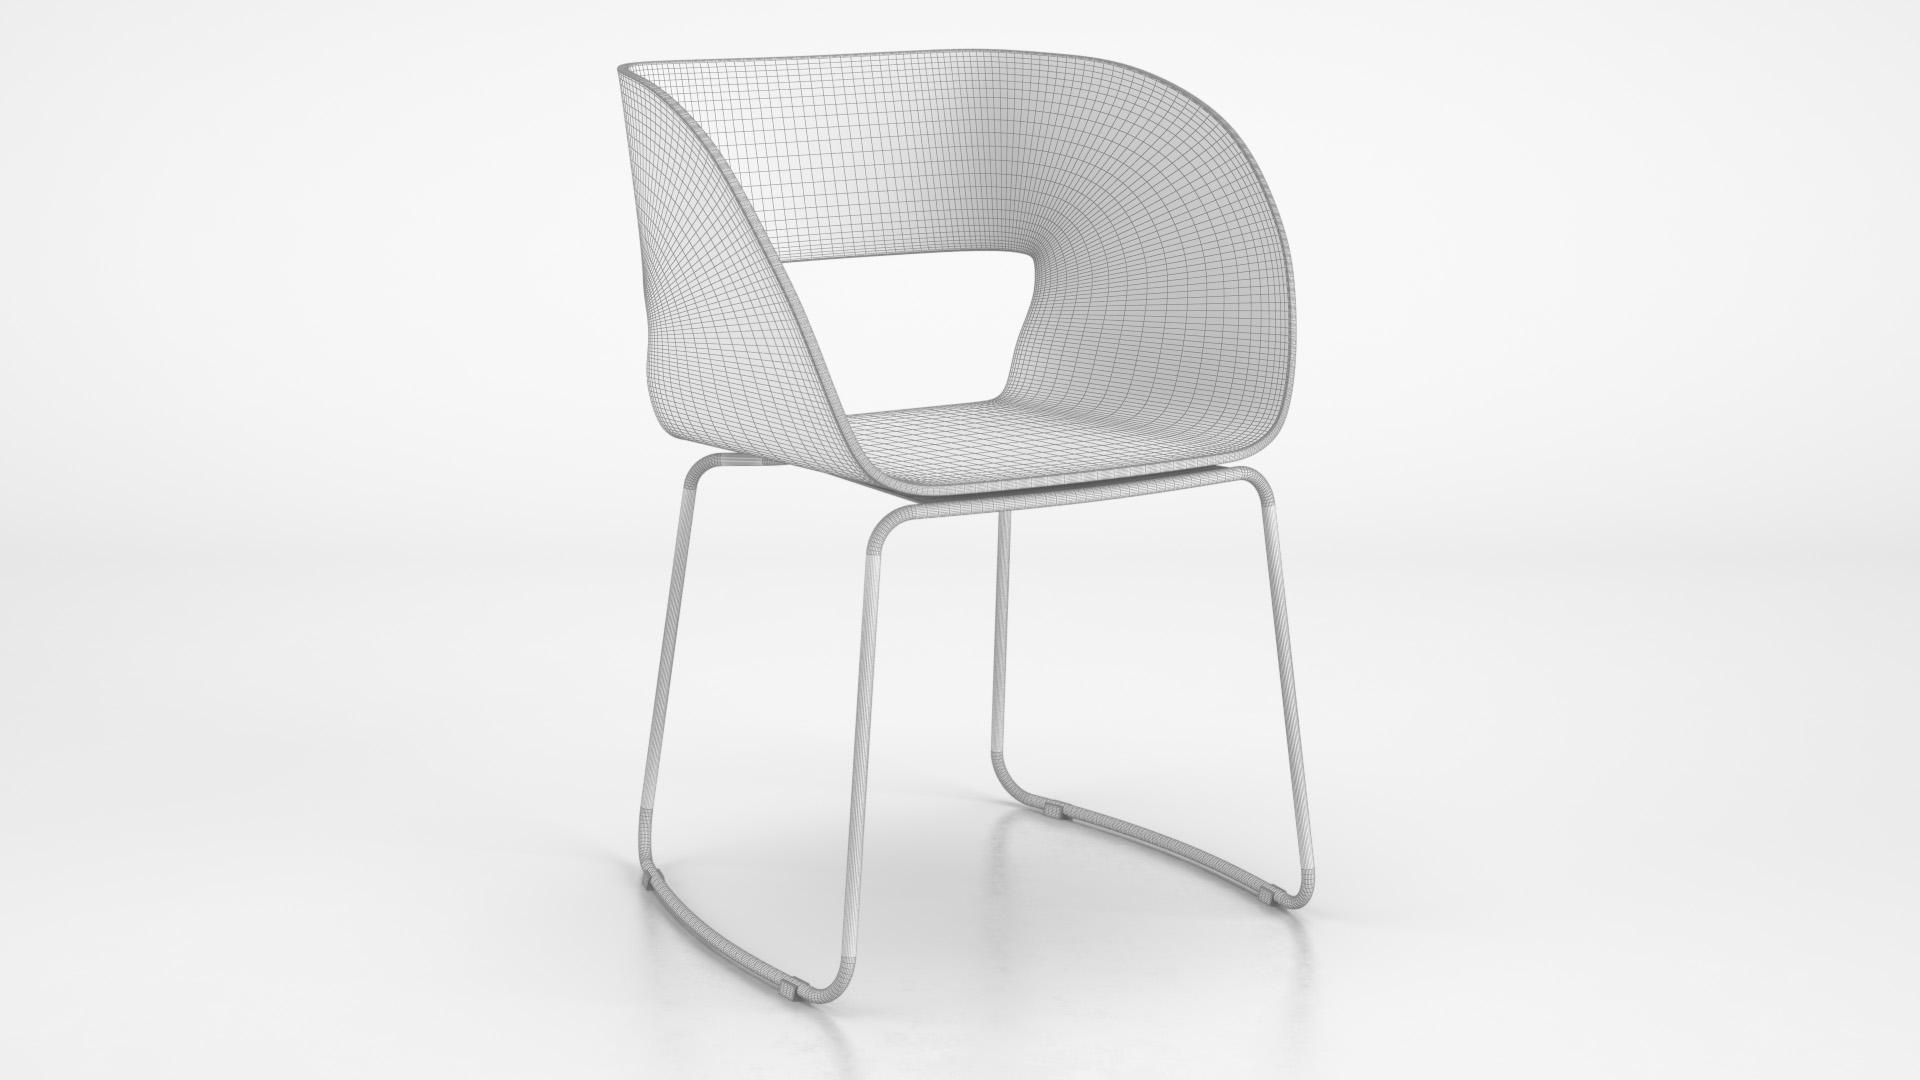 Vintage_Chair_SledLegs_WhiteSet_01_wire_0000